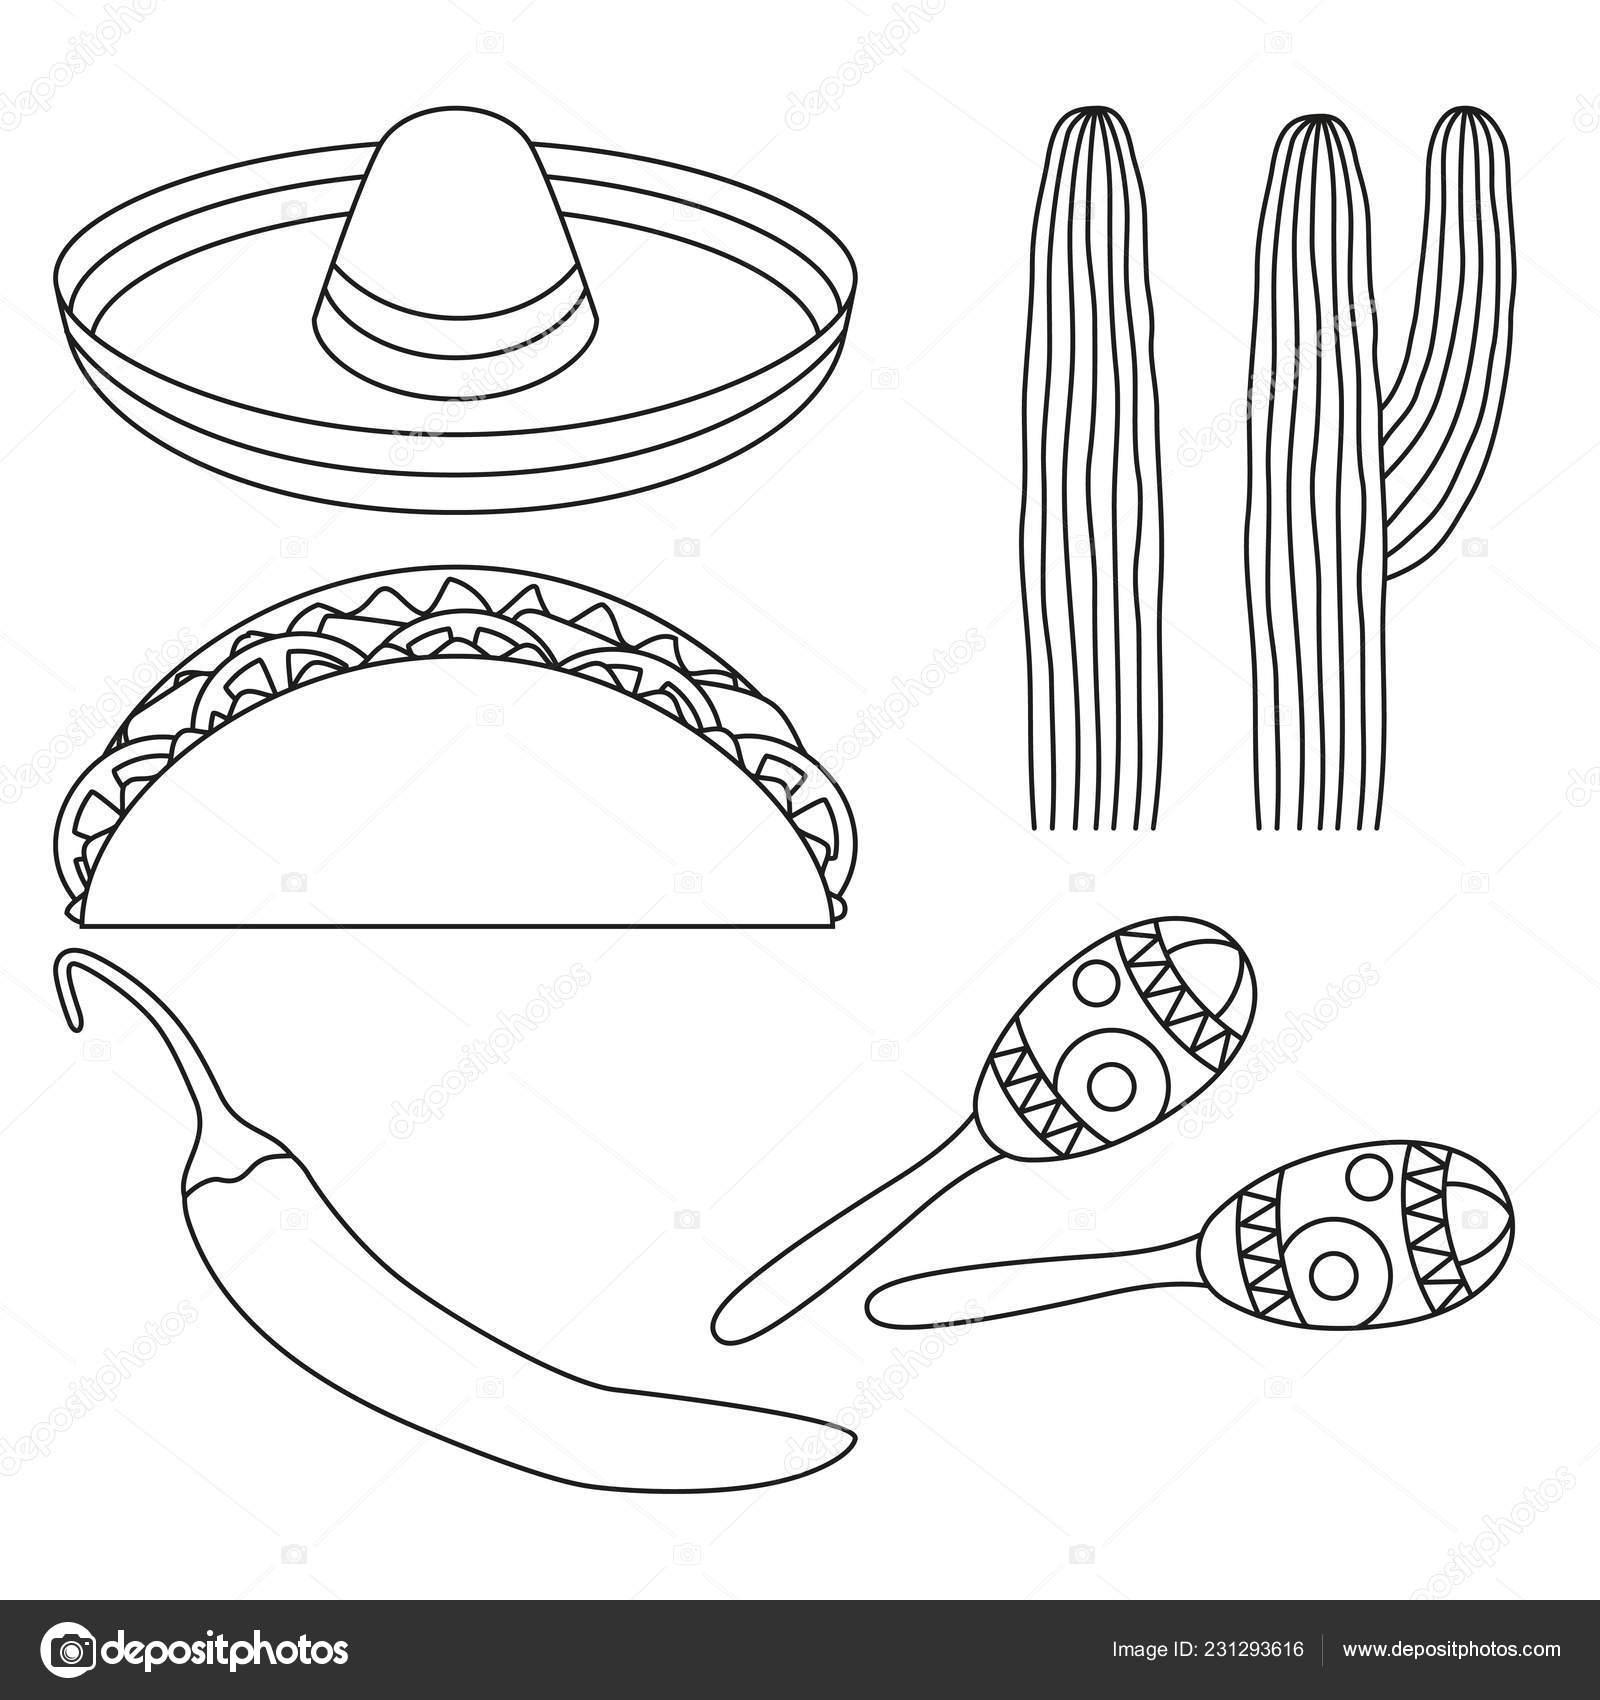 Arte blanco y negro 5 mexicano elementos de línea. Fiesta carnaval  conjunto. México tema vector ilustración para icono 6ee5a7417f7